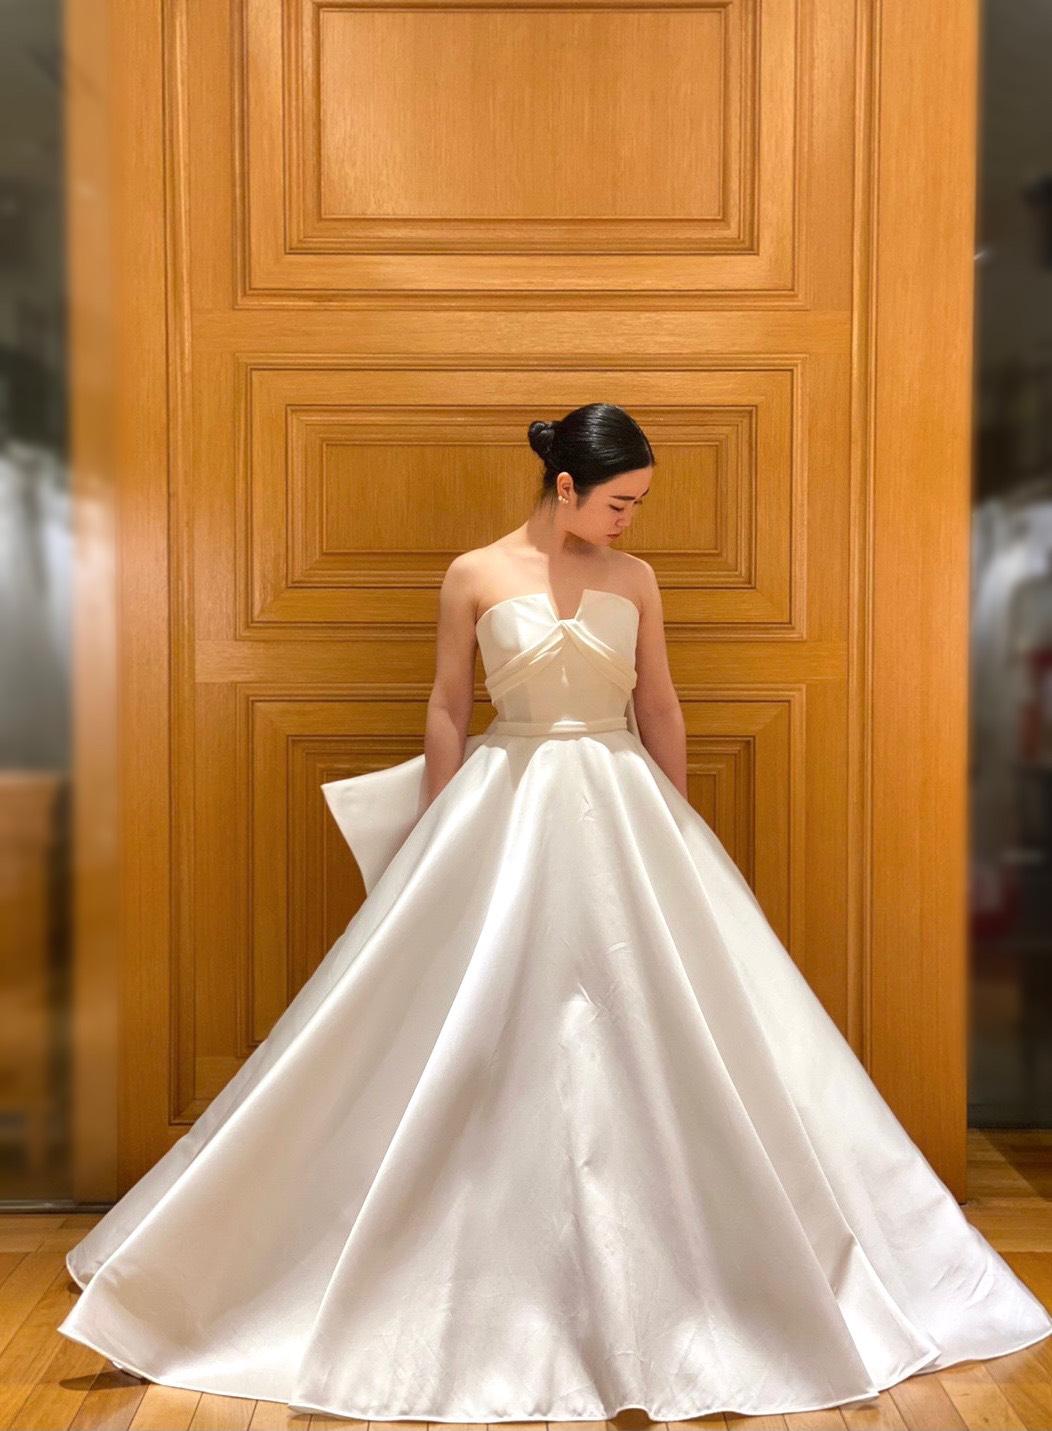 ステンドグラスの窓からたっぷりと自然光が差し込む開放的なチャペルでお召しいただきたいAラインのサテンのウェディングドレス